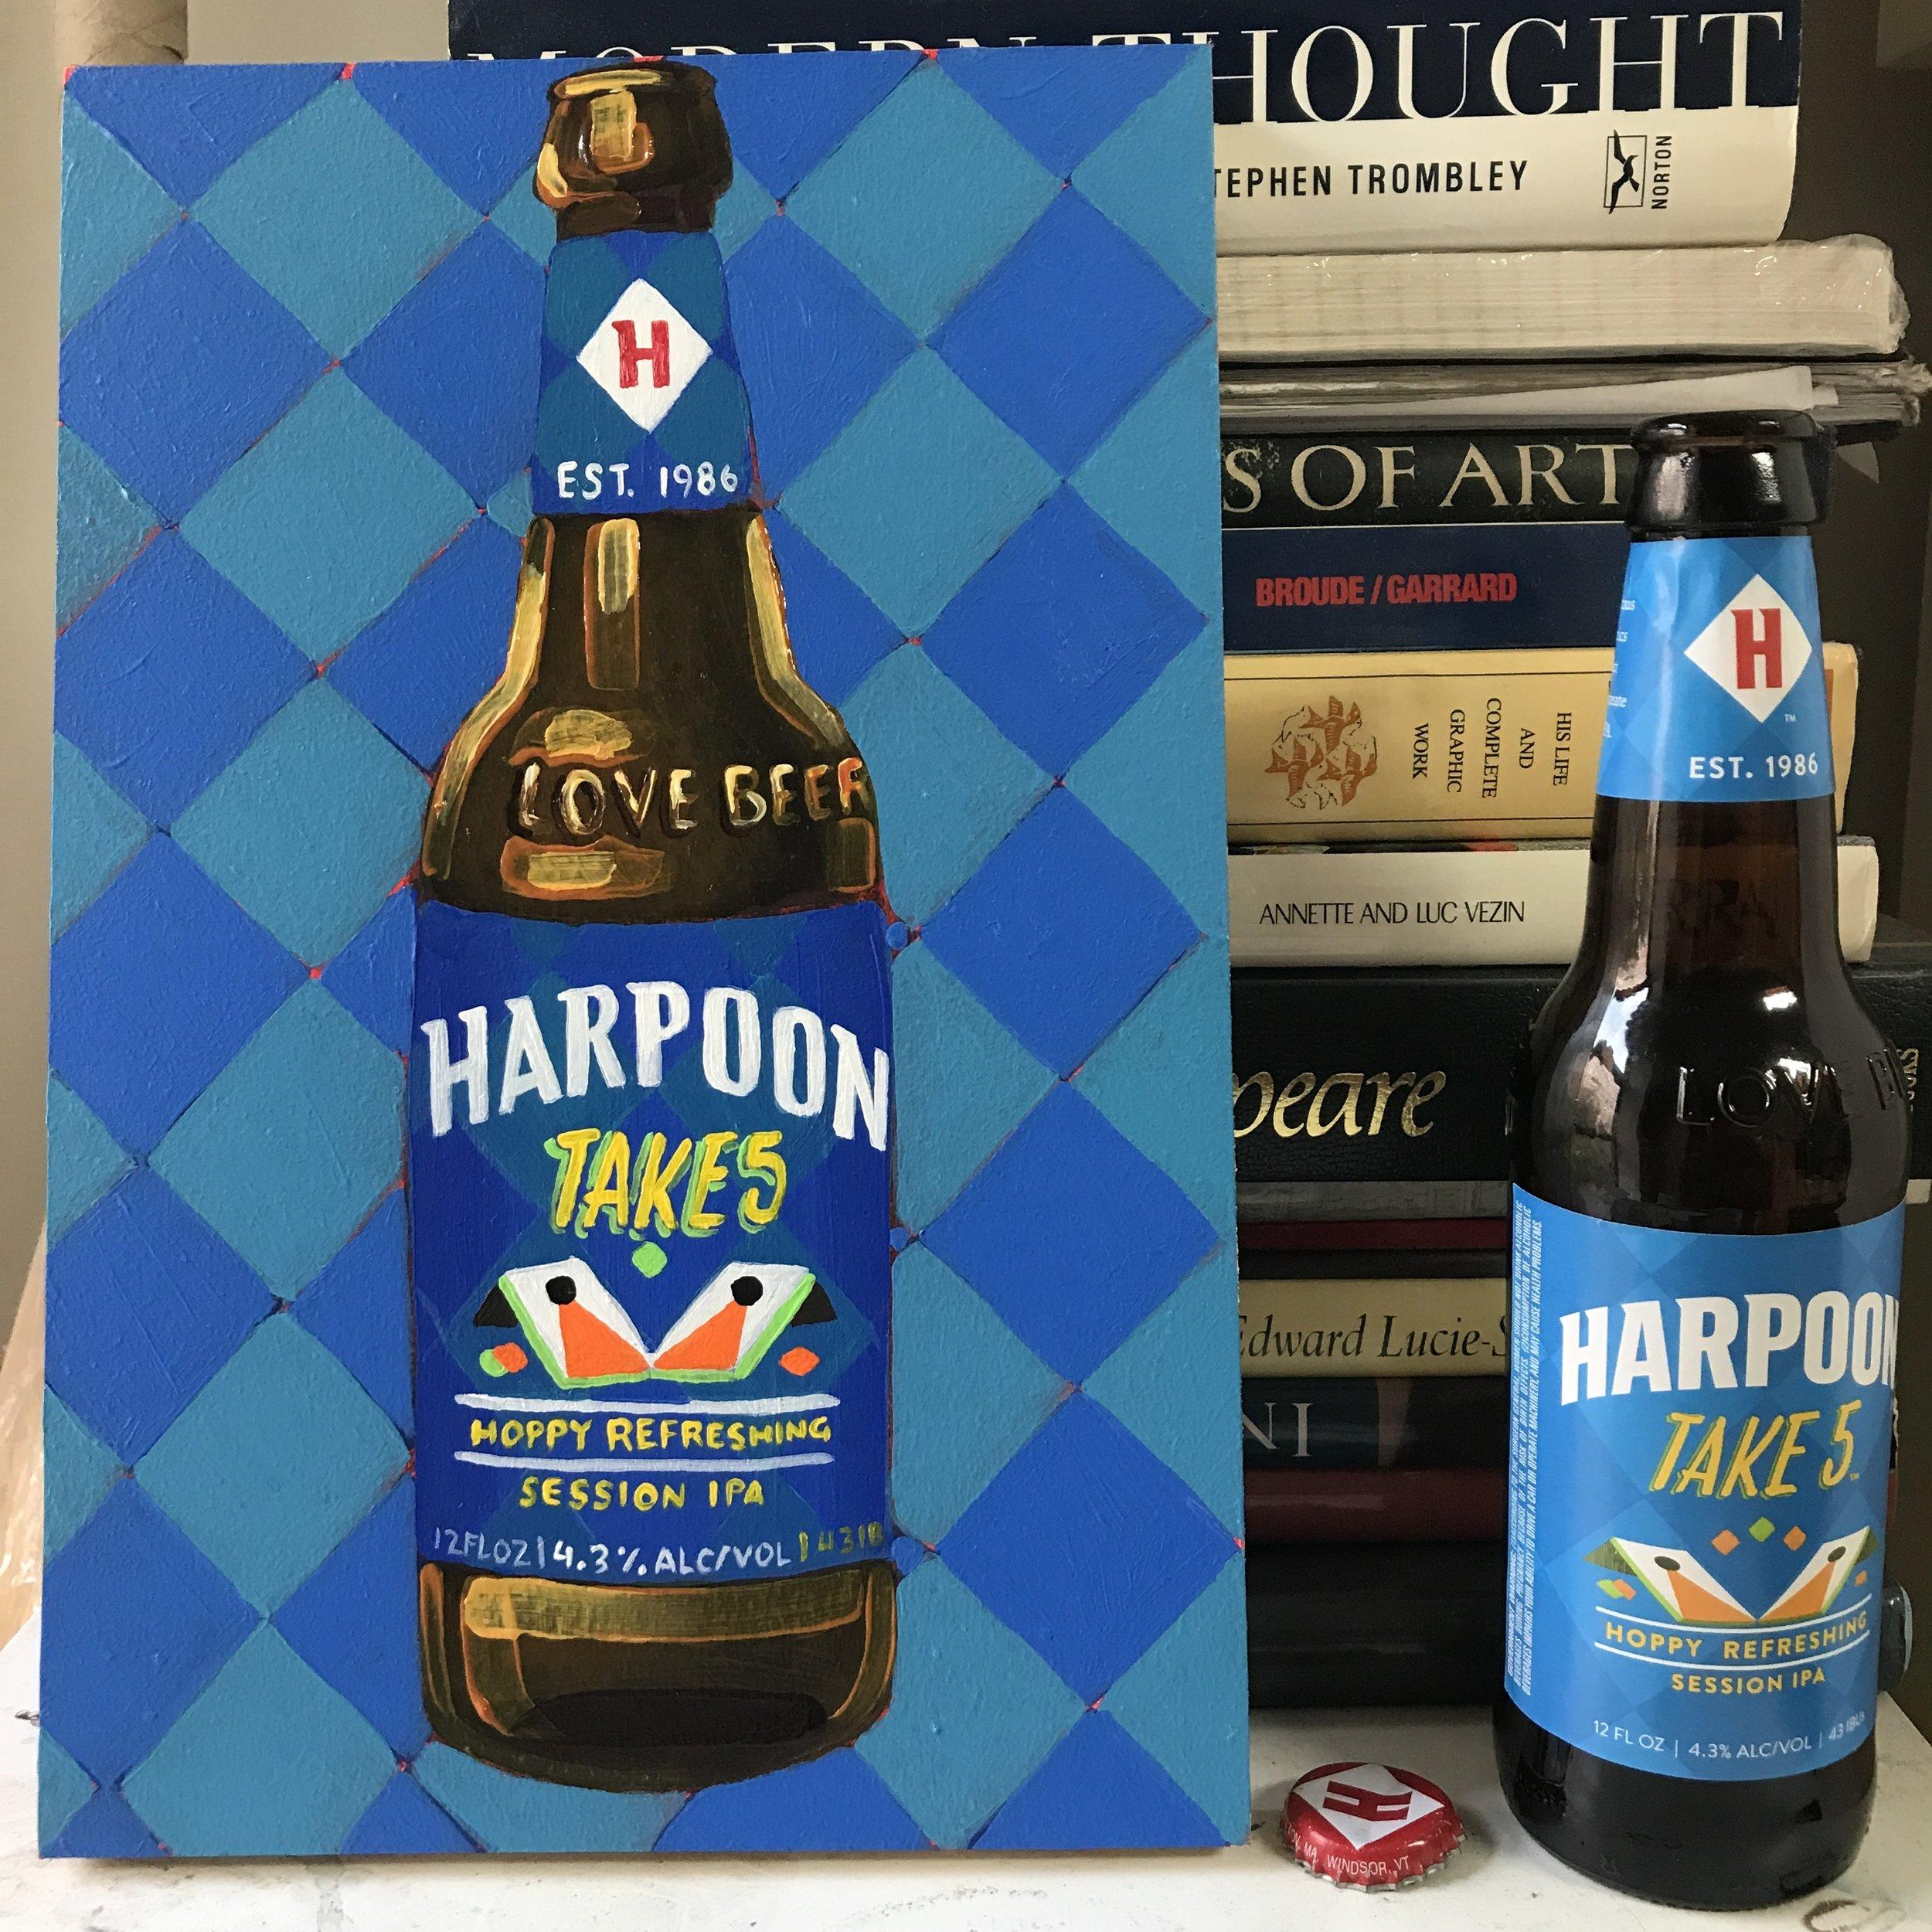 5 Harpoon Take 5 (USA)